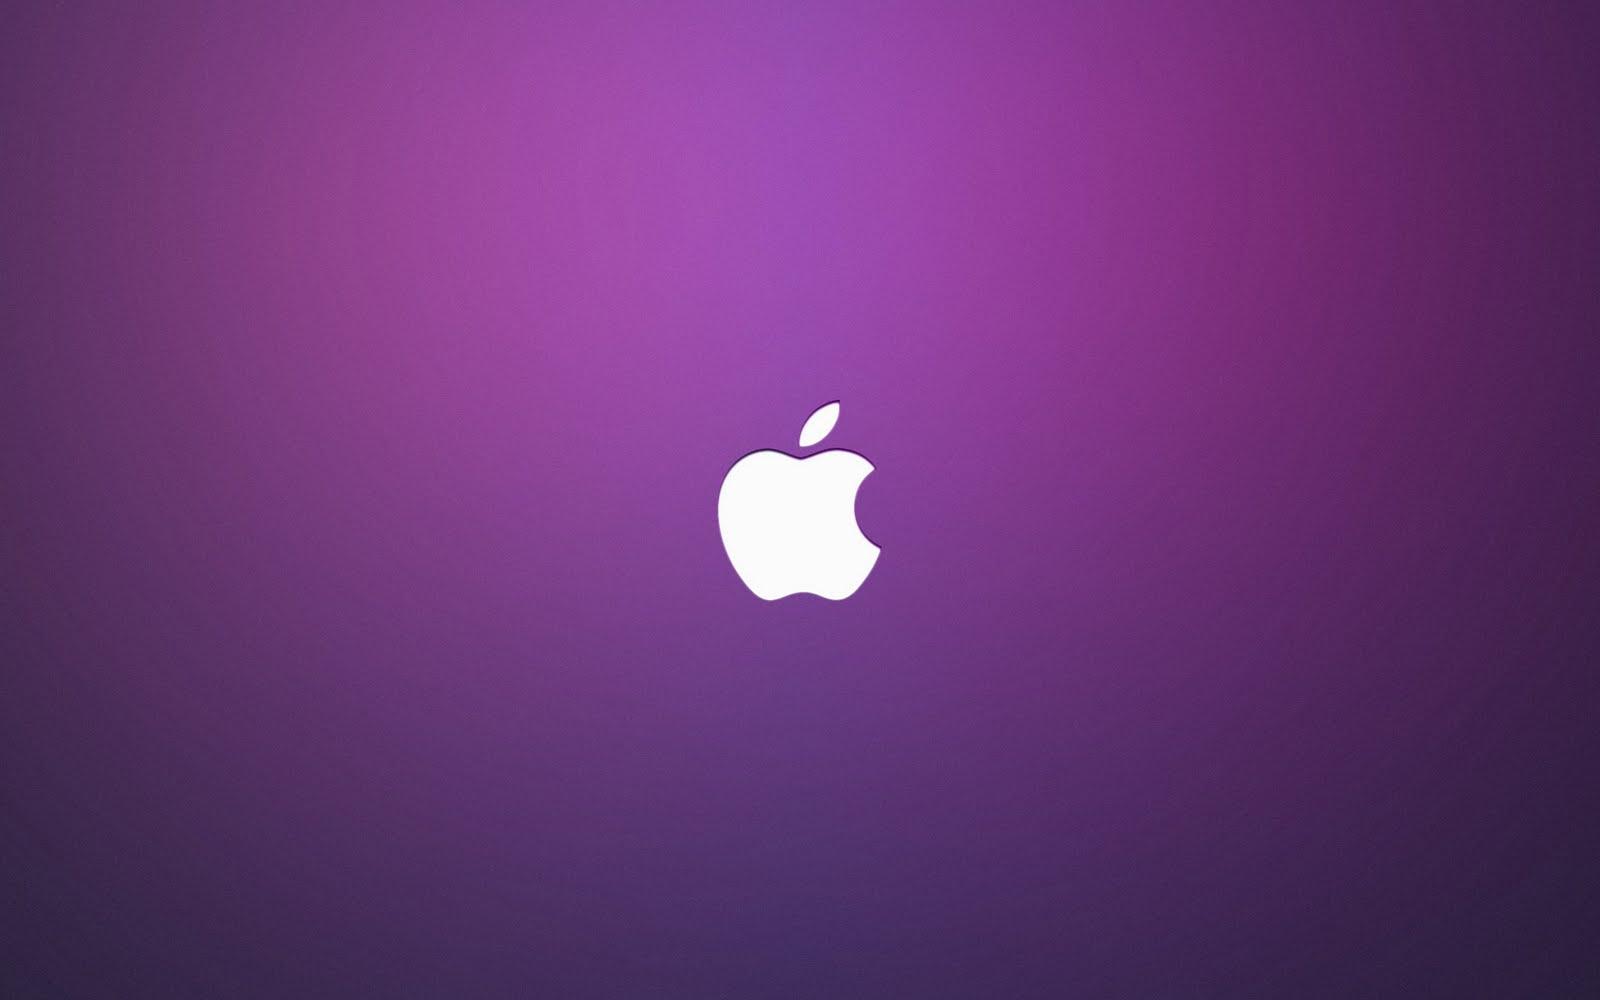 http://2.bp.blogspot.com/-Rym04GeUB44/ThanK7UjD9I/AAAAAAAAAIA/IK313mlzYVM/s1600/Apple-simple-logo_inn2.jpg